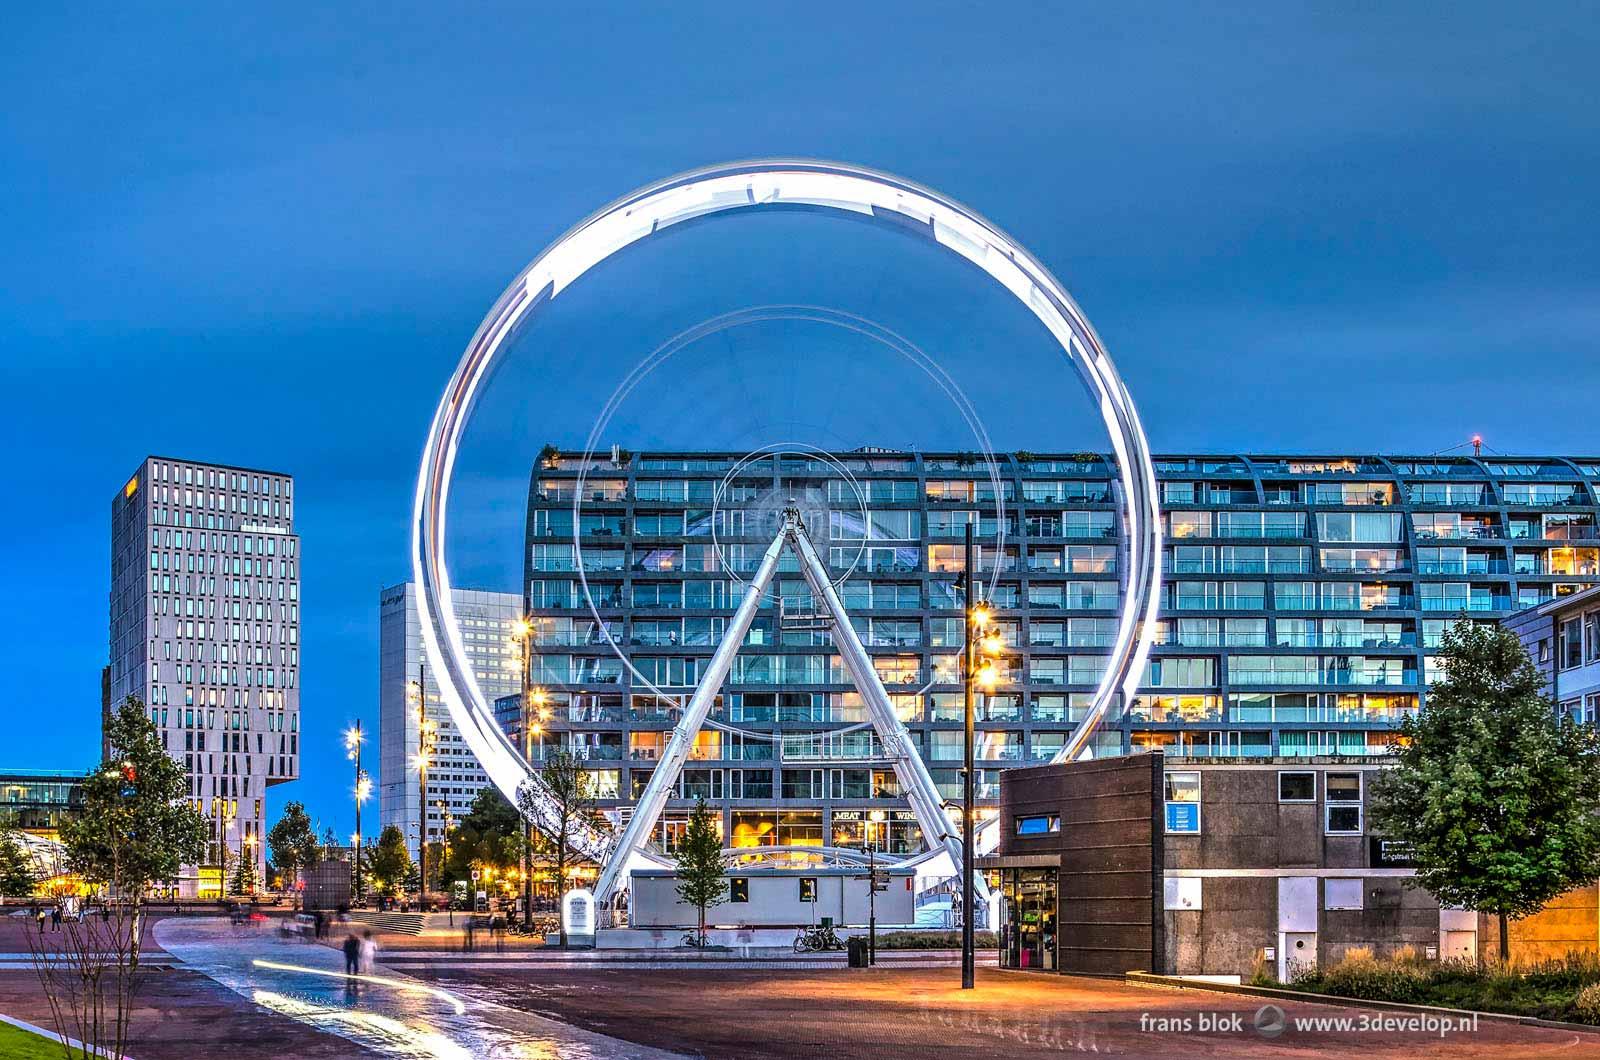 Reuzenrad The Dinner Wheel op de Binnenrotte in Rotterdam bij avond met op de achtergrond onder andere de Markthal